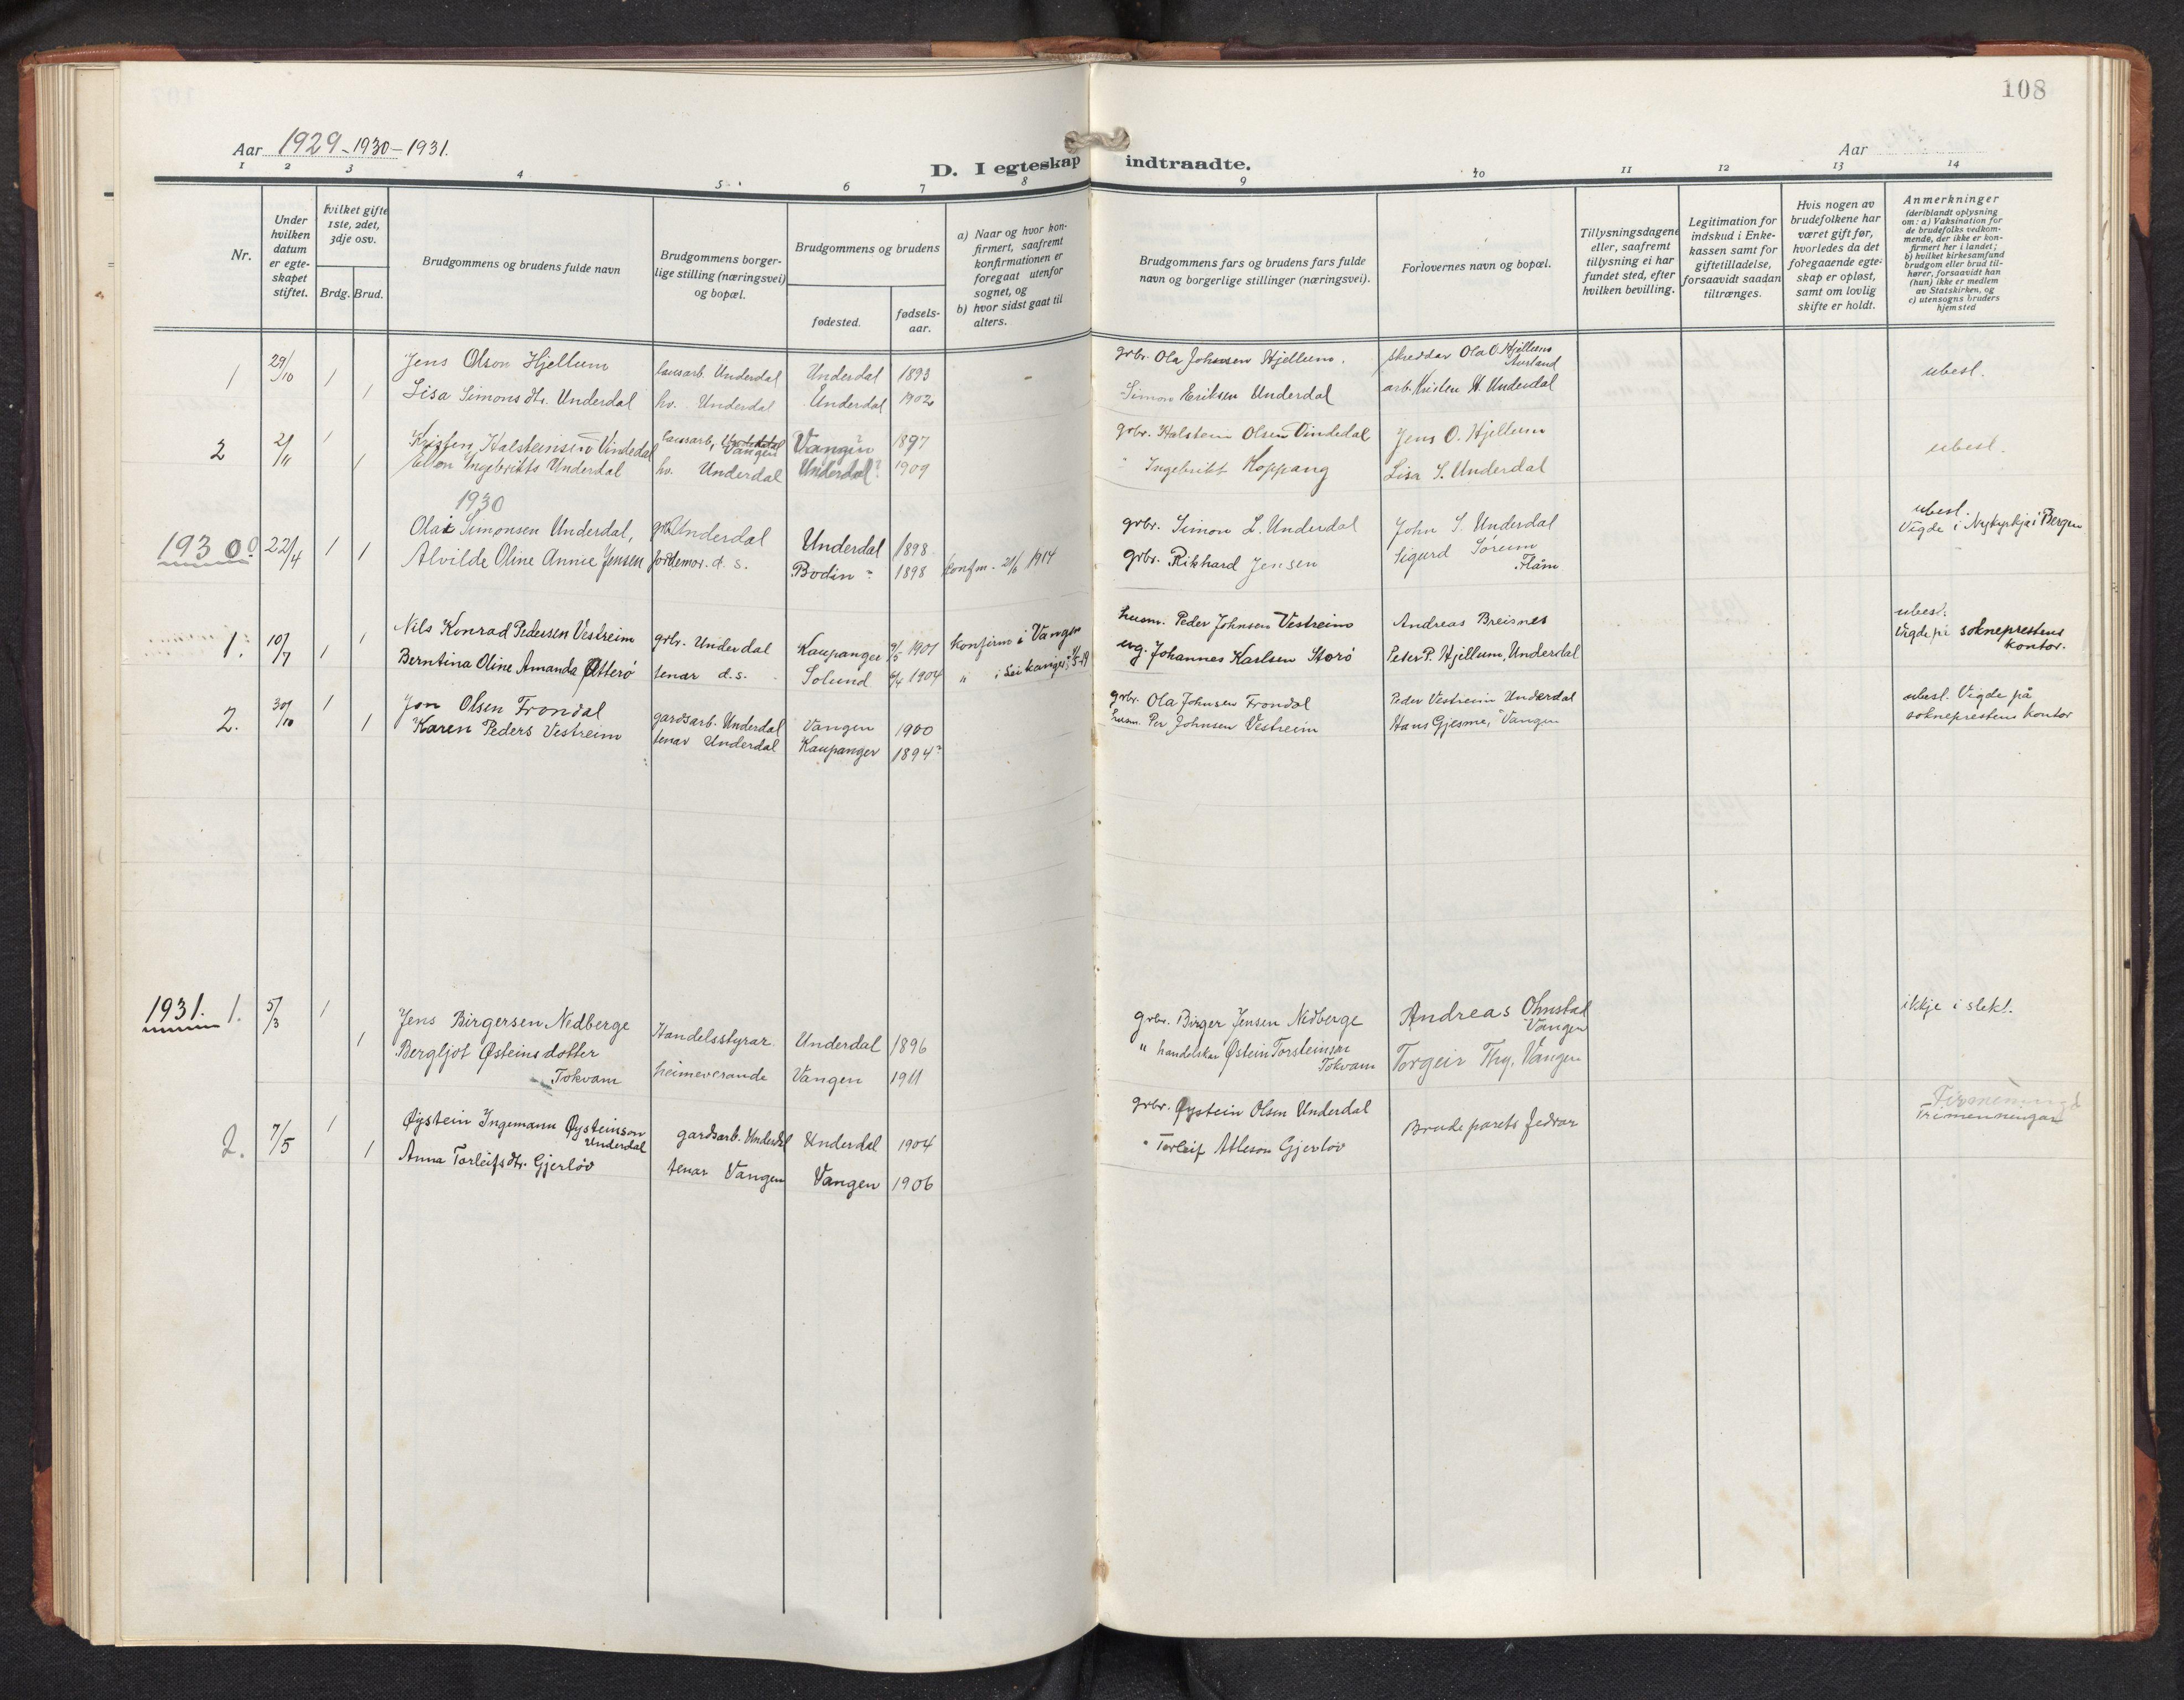 SAB, Aurland sokneprestembete, H/Hb/Hbd/L0003: Parish register (copy) no. D 3, 1920-1968, p. 107b-108a